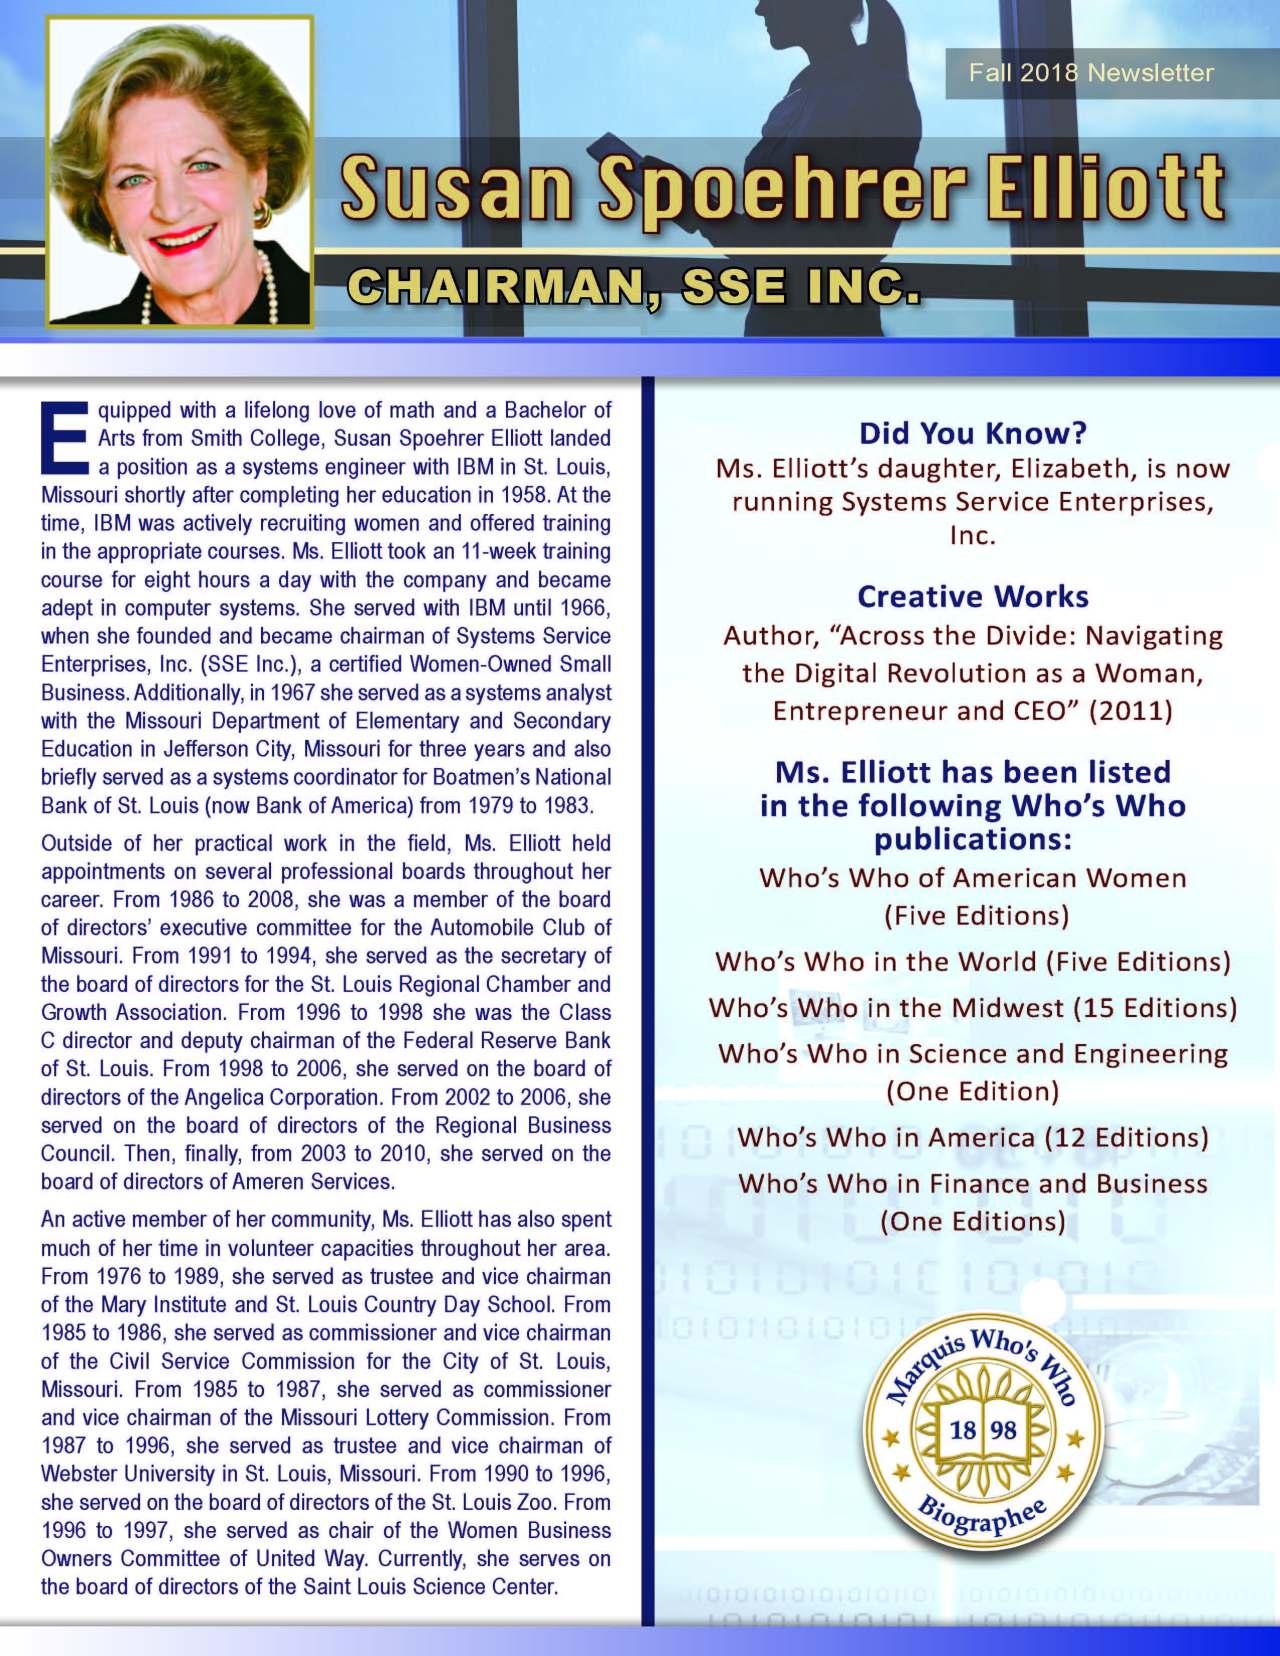 Elliott, Susan 3899117_16684623 Newsletter.jpg